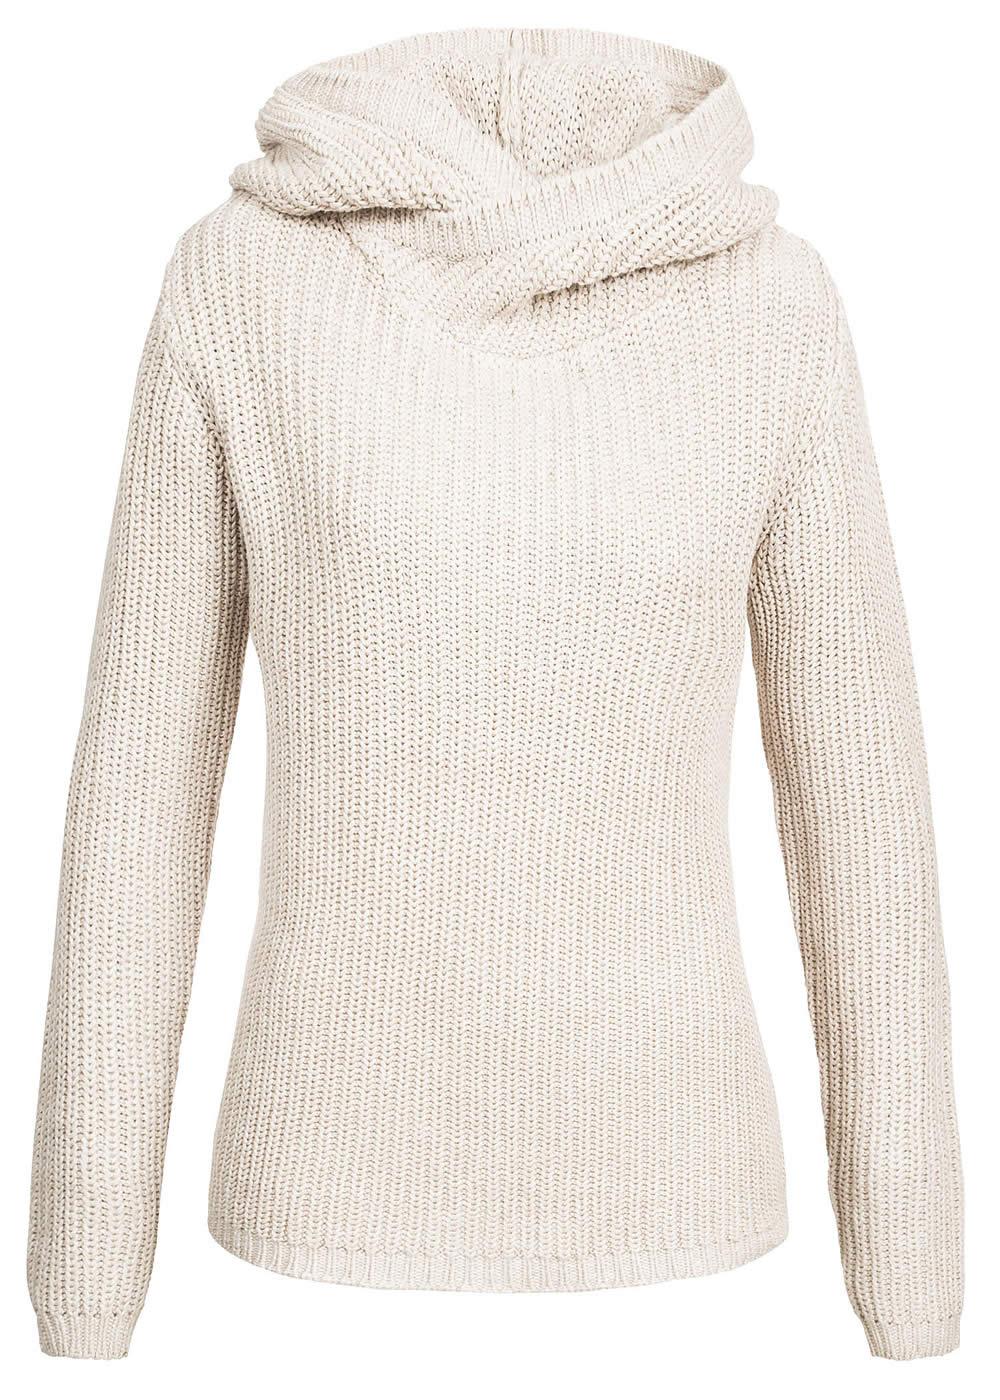 eight2nine damen strick hoodie berlappender kragen kapuze by sublevel beige ebay. Black Bedroom Furniture Sets. Home Design Ideas